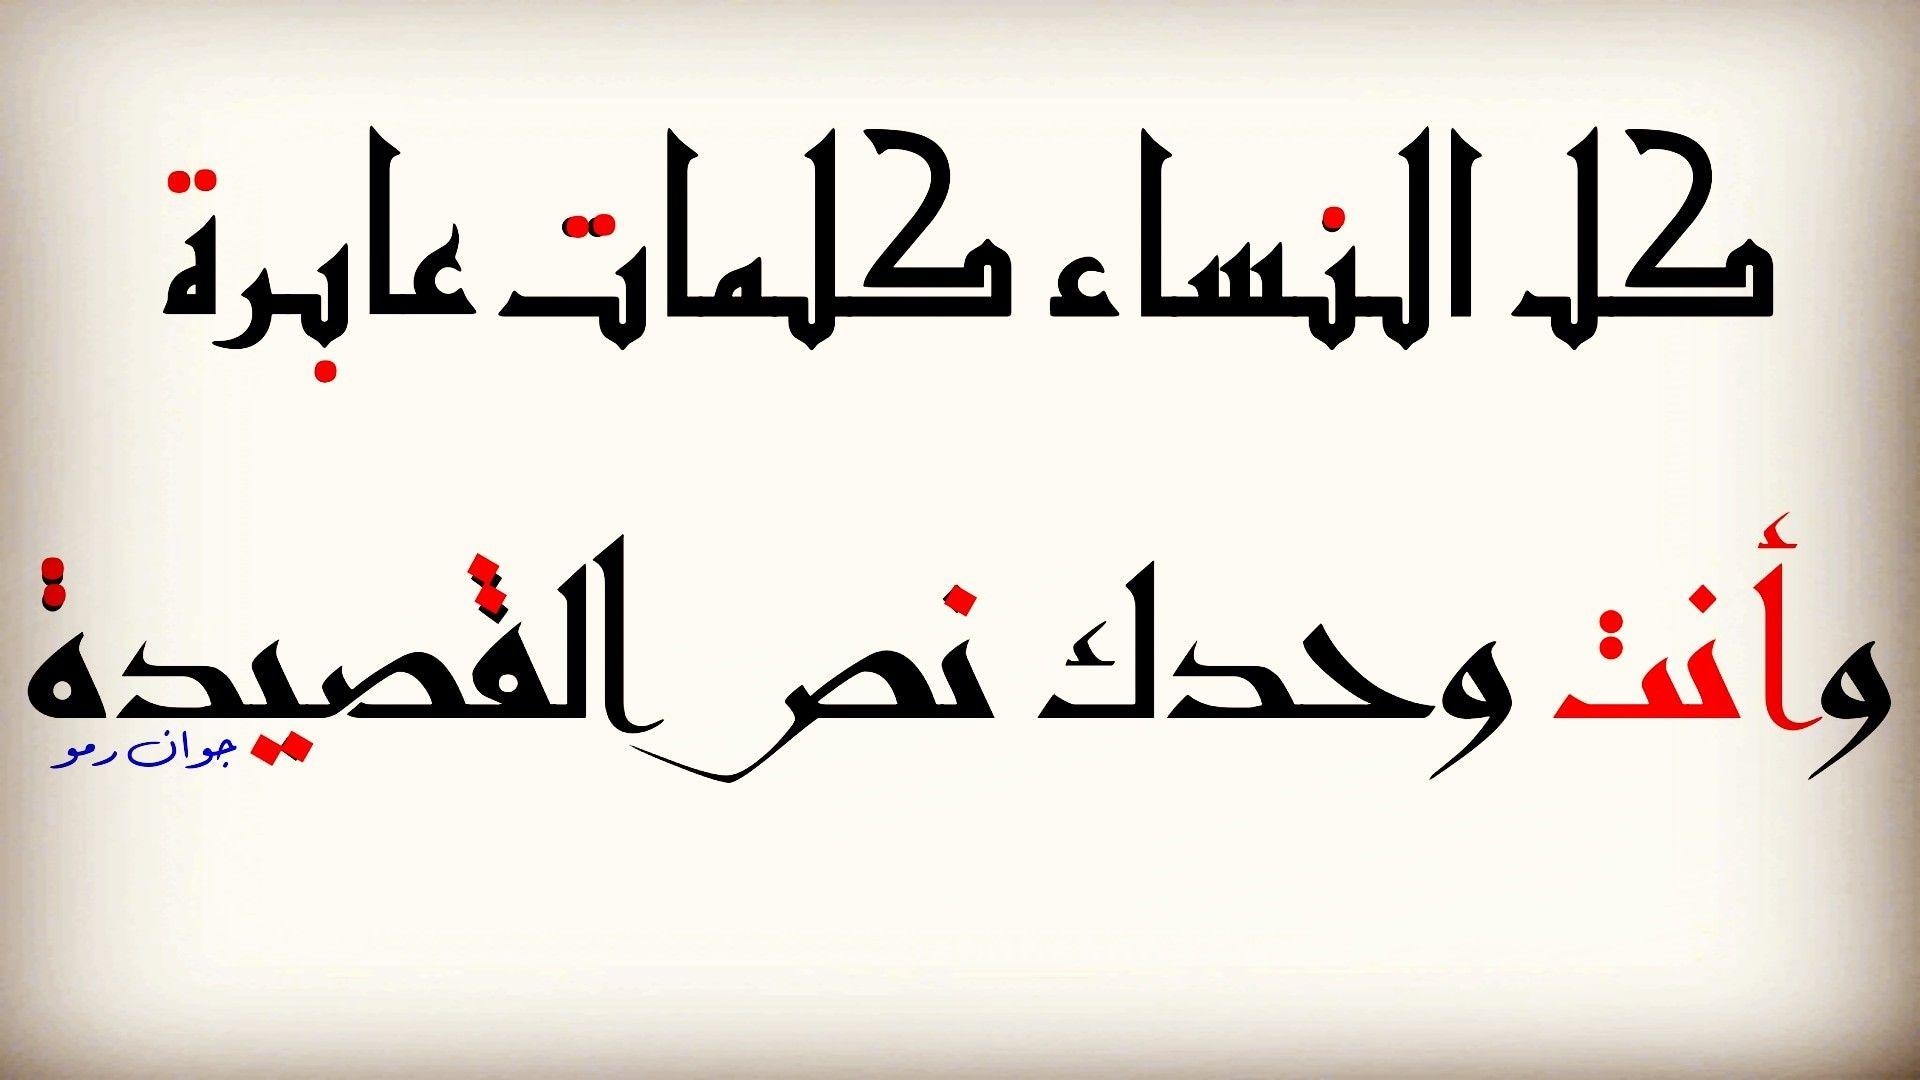 كل النساء كلمات عابرة أنت وحدك نص القصيدة Arabic Calligraphy Calligraphy